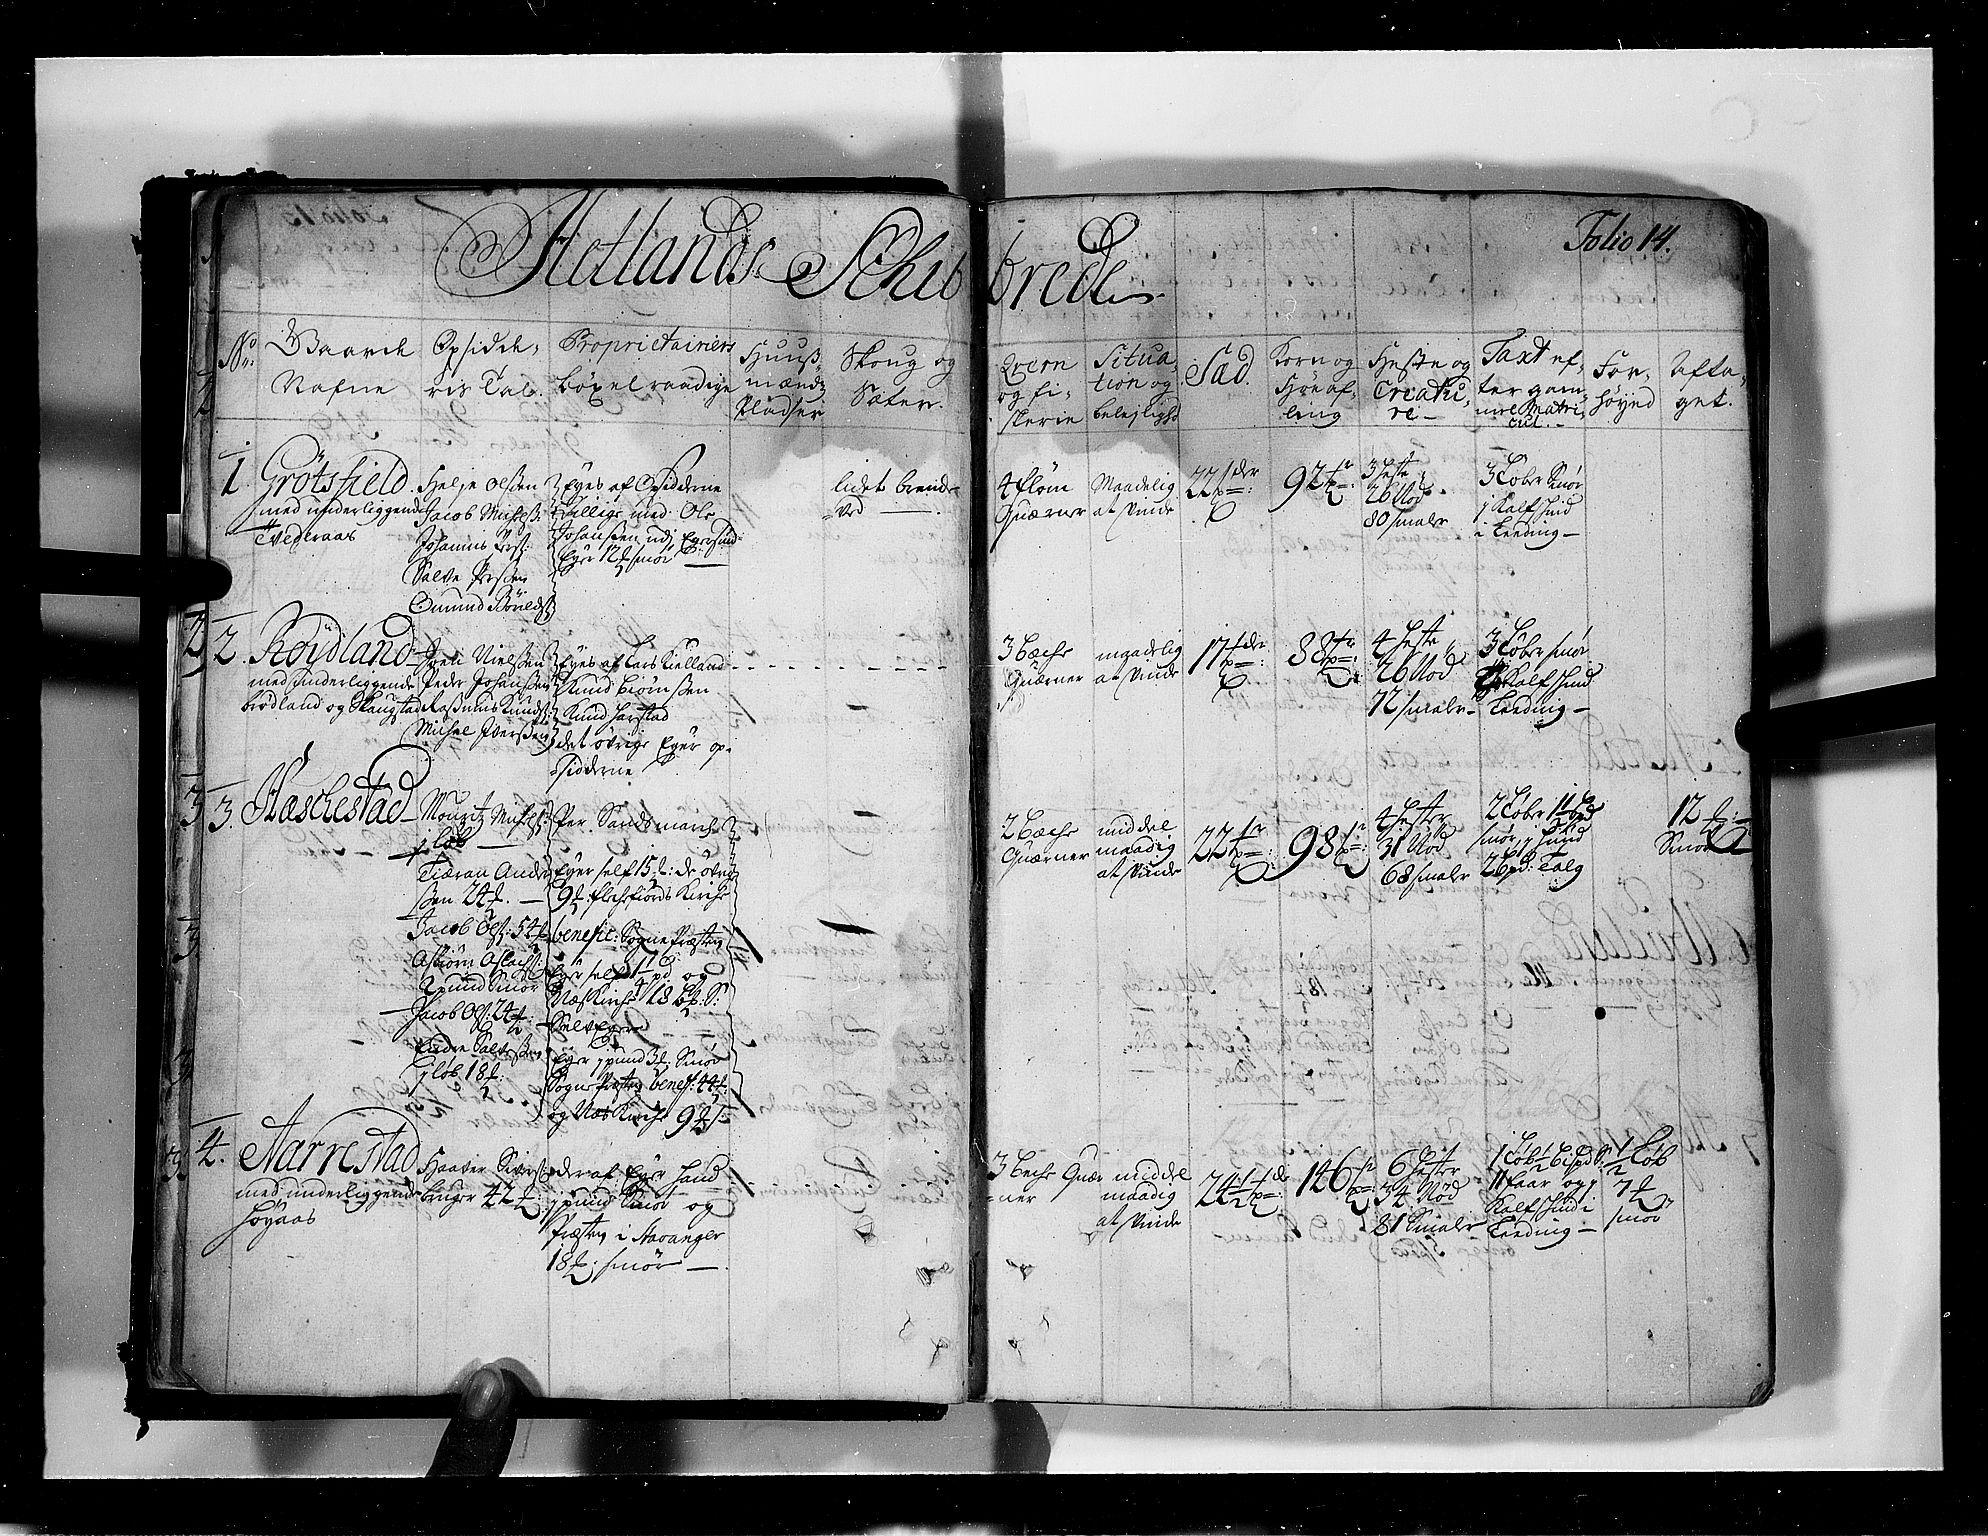 RA, Rentekammeret inntil 1814, Realistisk ordnet avdeling, N/Nb/Nbf/L0131: Jæren og Dalane eksaminasjonsprotokoll, 1723, s. 13b-14a